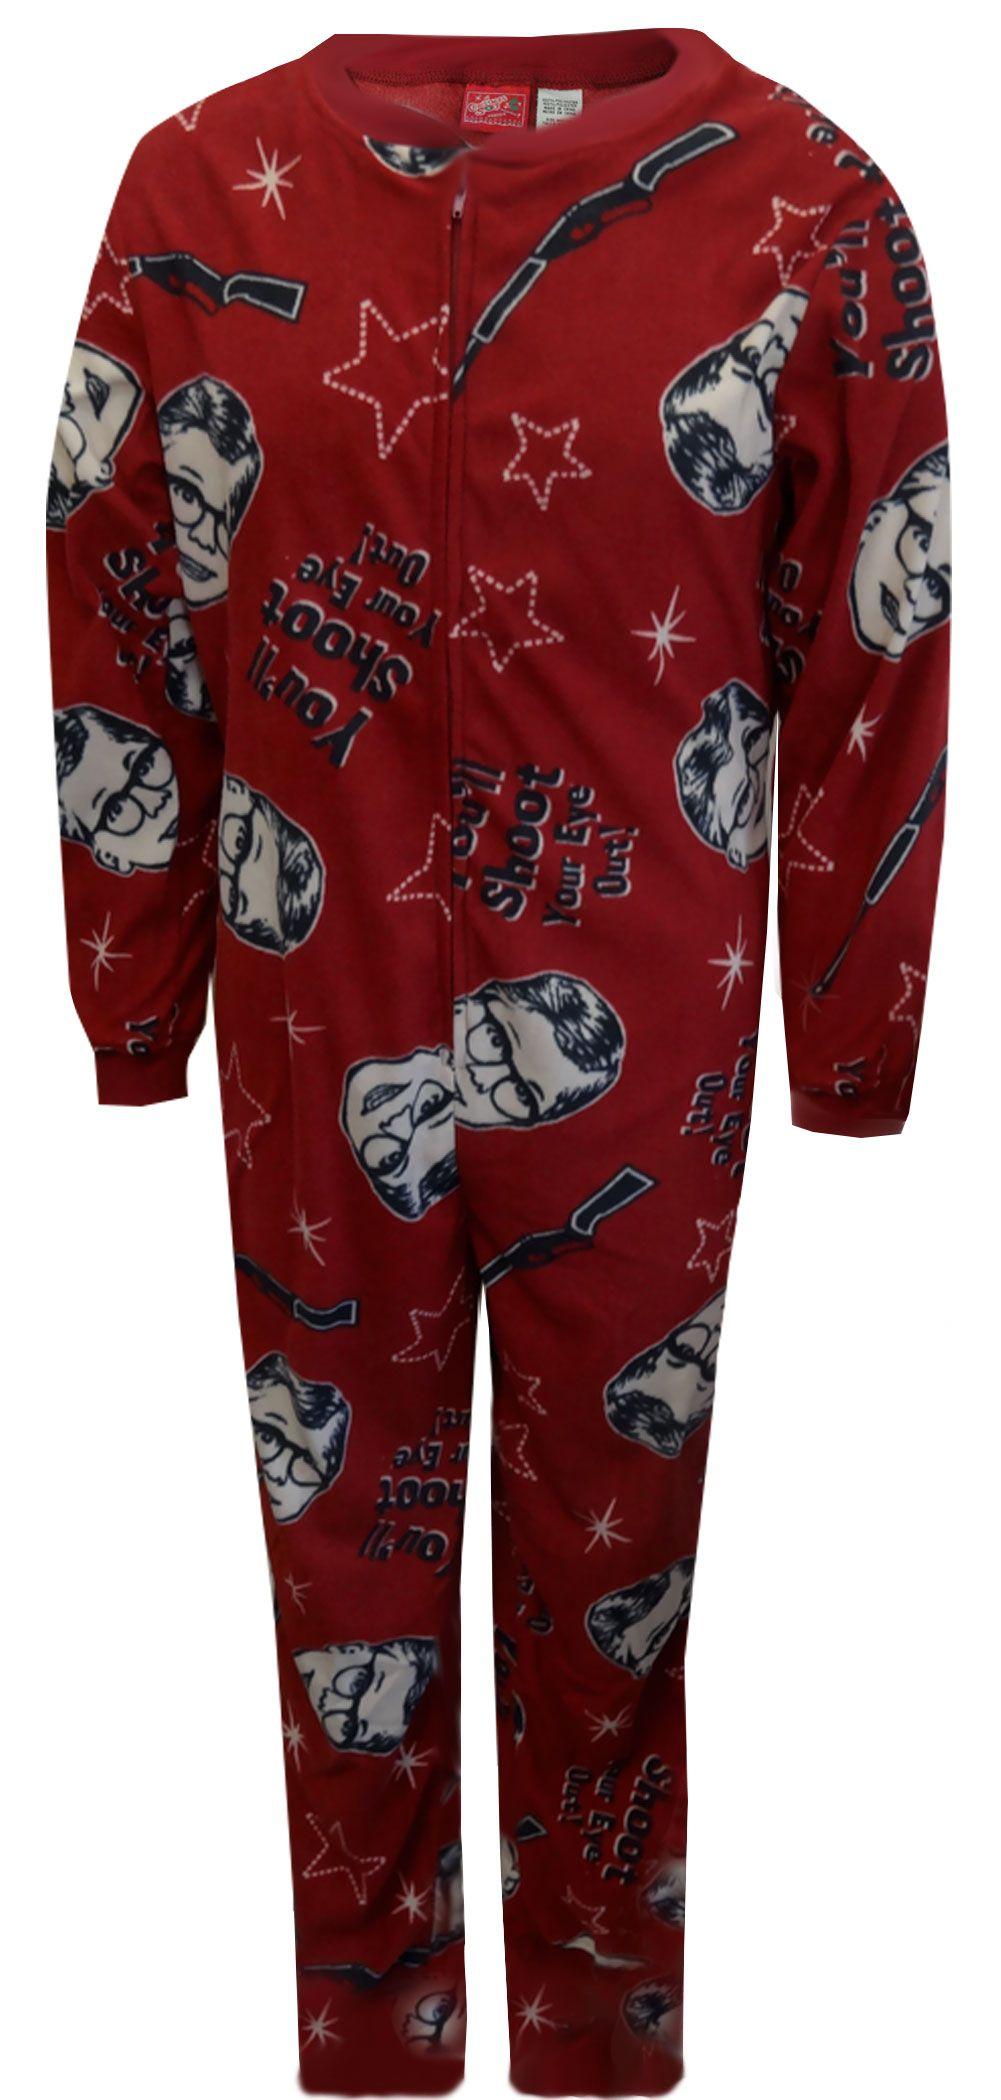 adult union suit pajamas